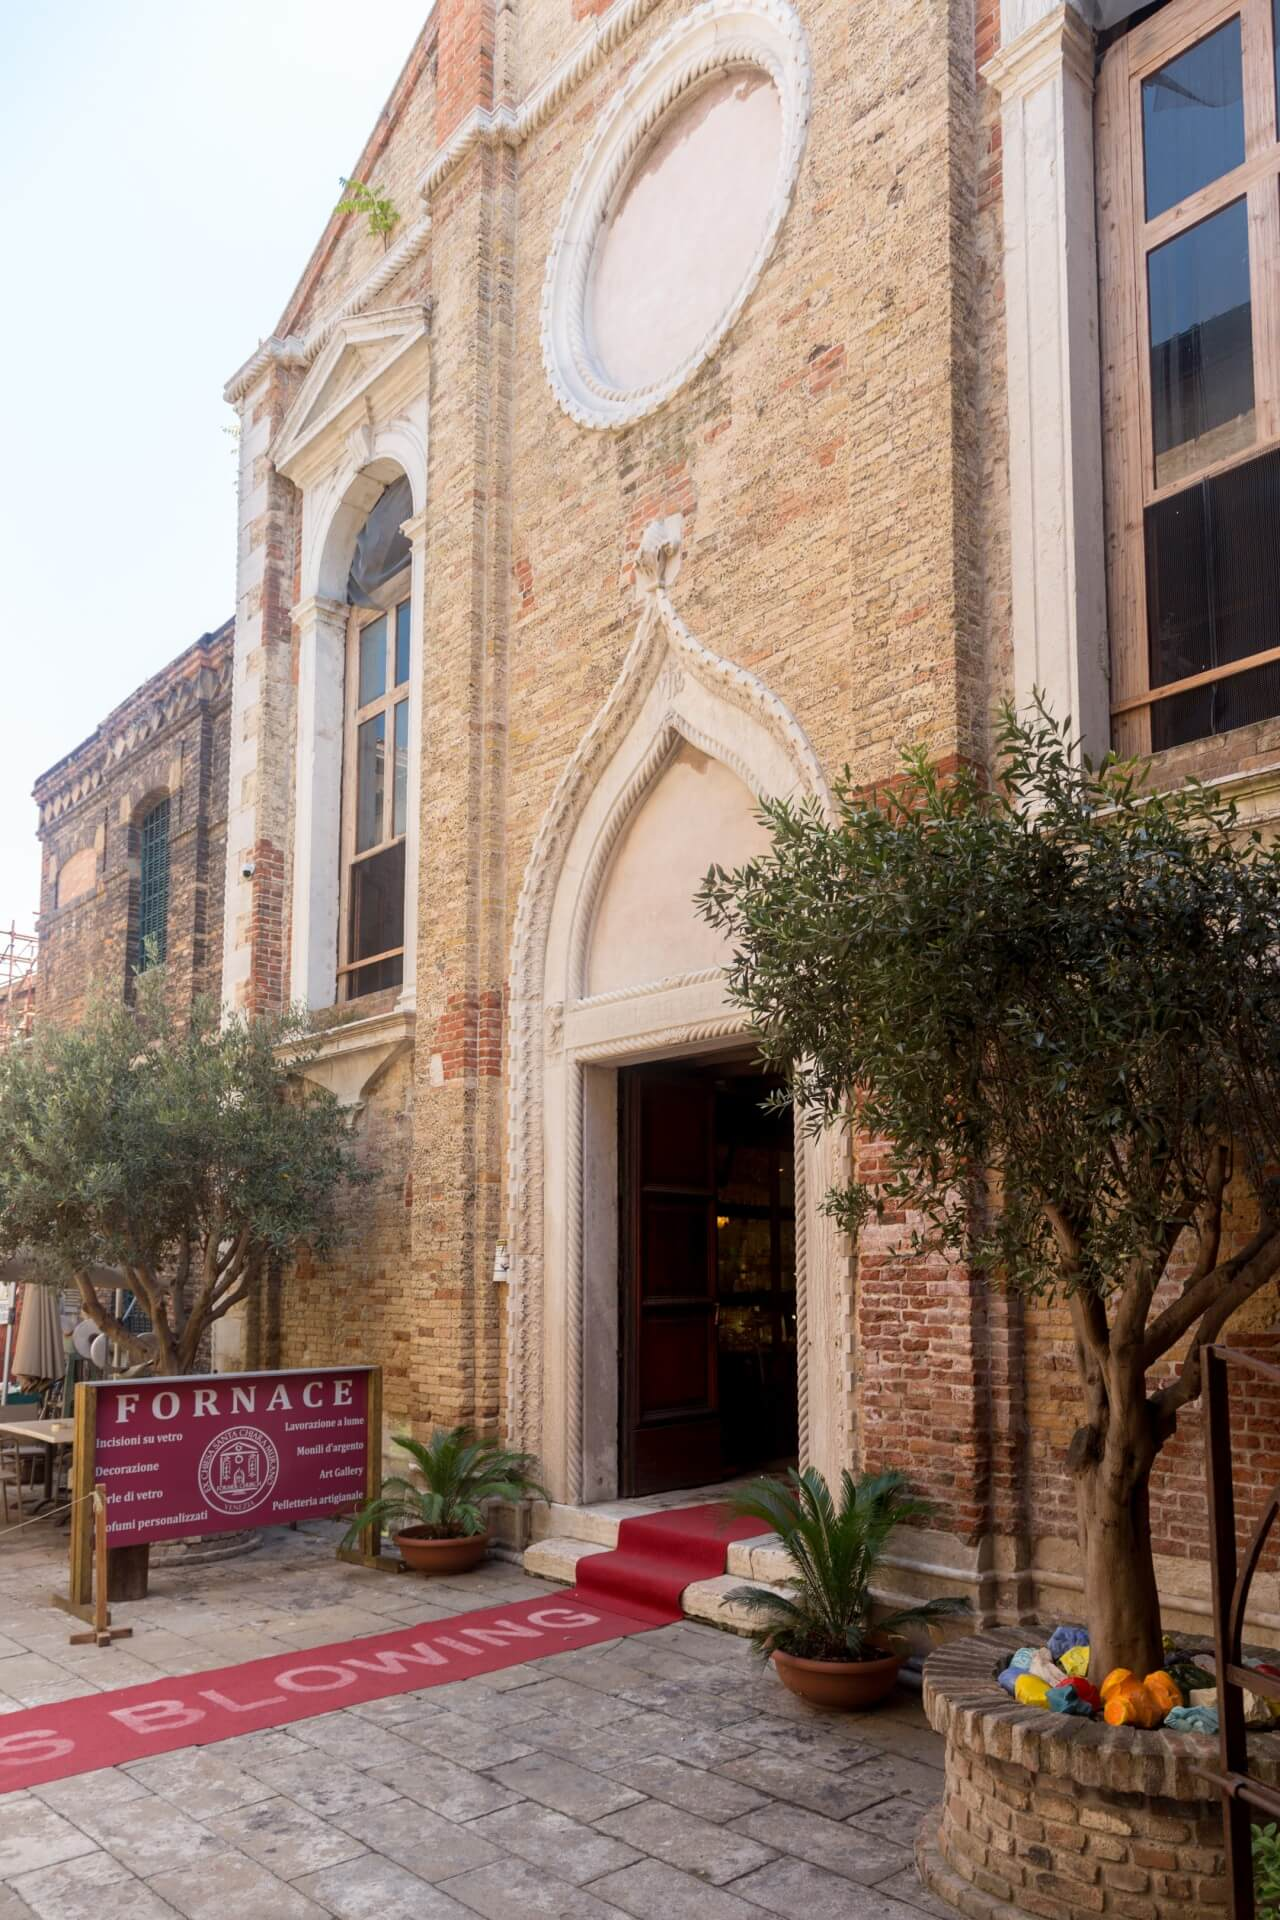 Murano, Fornace Santa Chiara